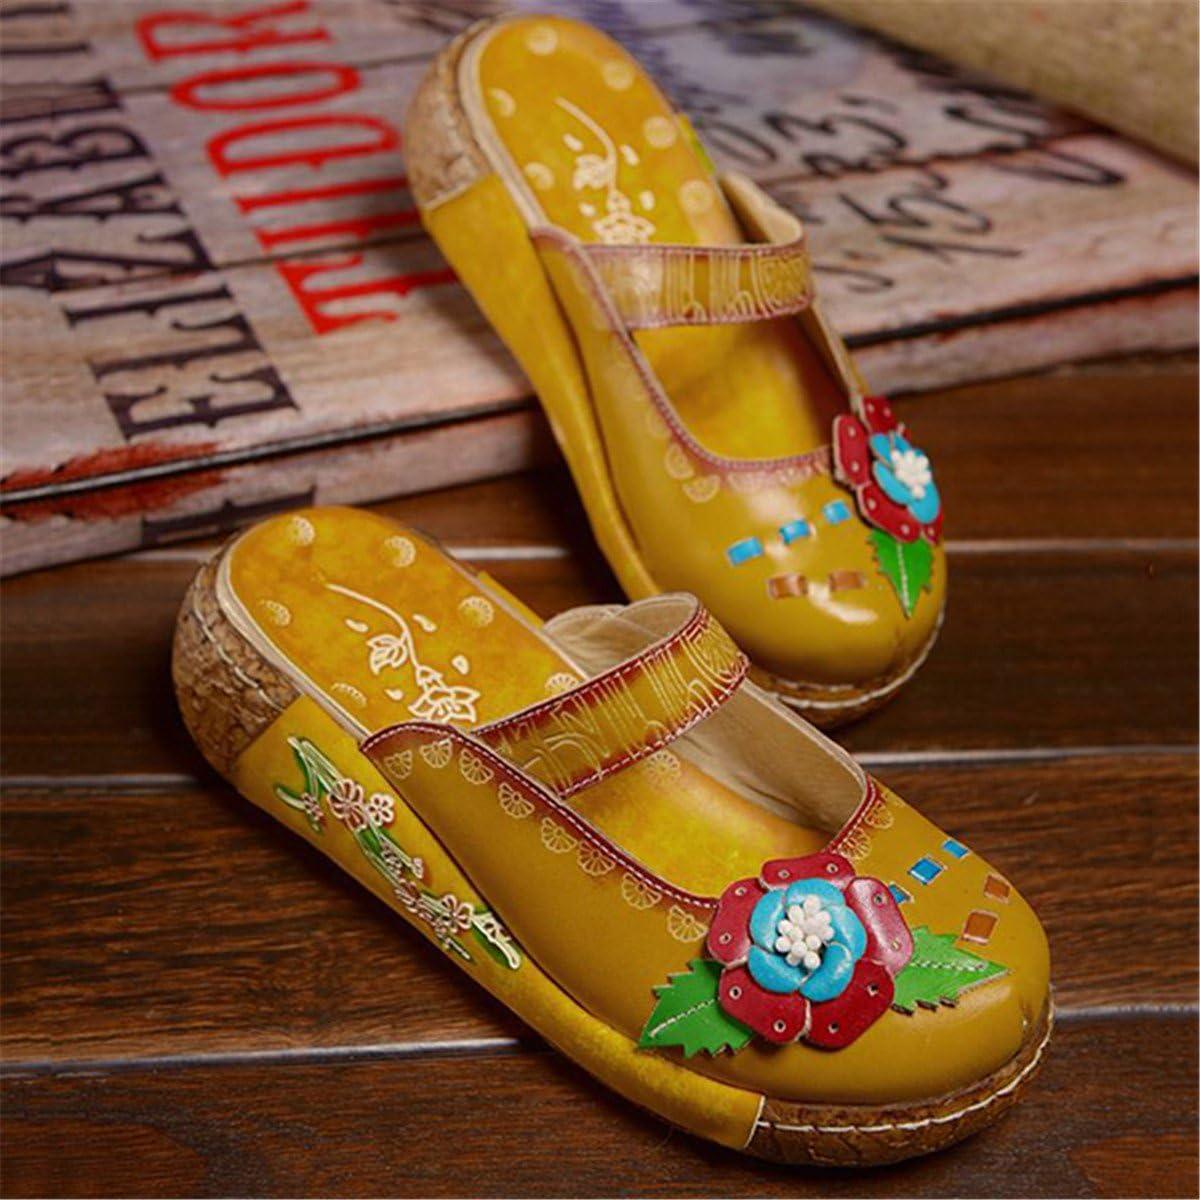 Socofy Sabots Femmes Filles Chaussures /Ét/é Printemps en Cuir Mules avec Fleurs Color/és /à Talons Compens/és Plateformes Clogs Ville pour Jardin Vacances Plage Design Original Confortable